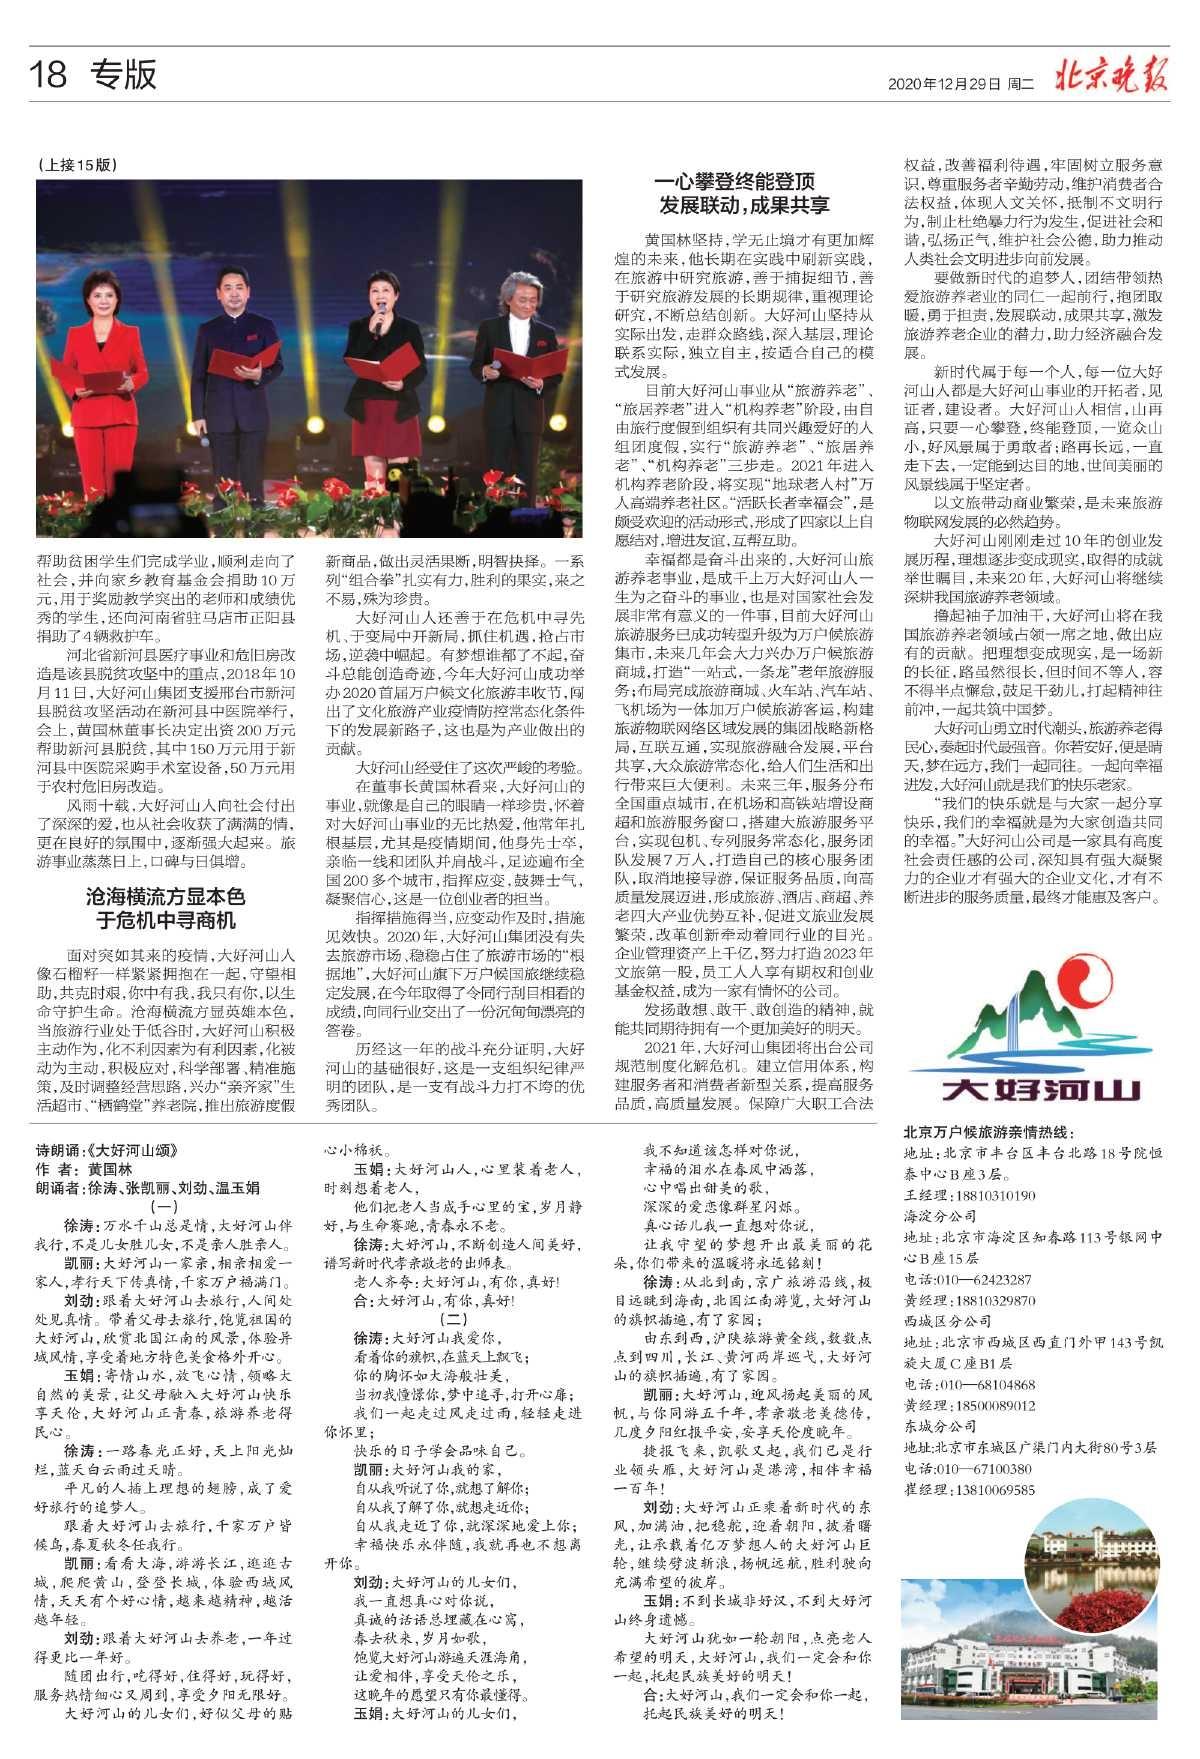 北京晚报 2020-12-29 专版 18